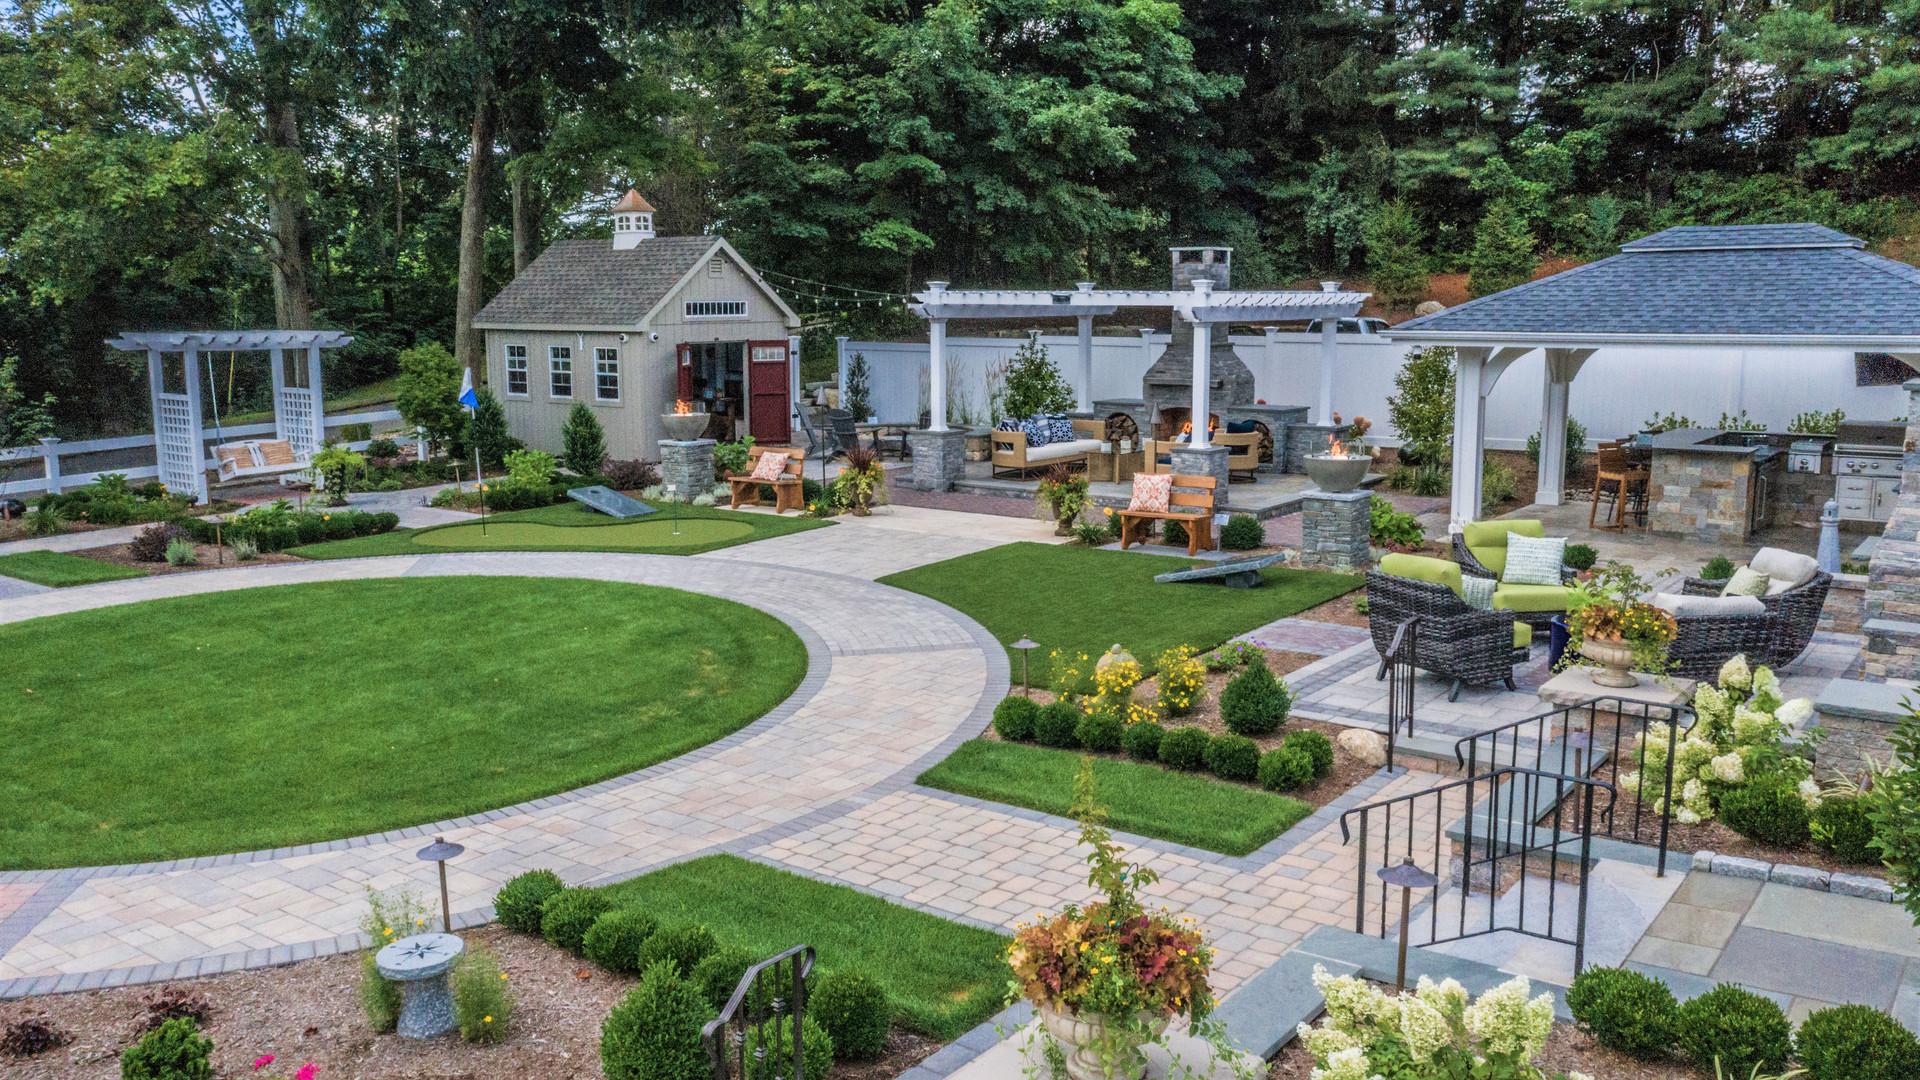 Torrison Stone & Garden